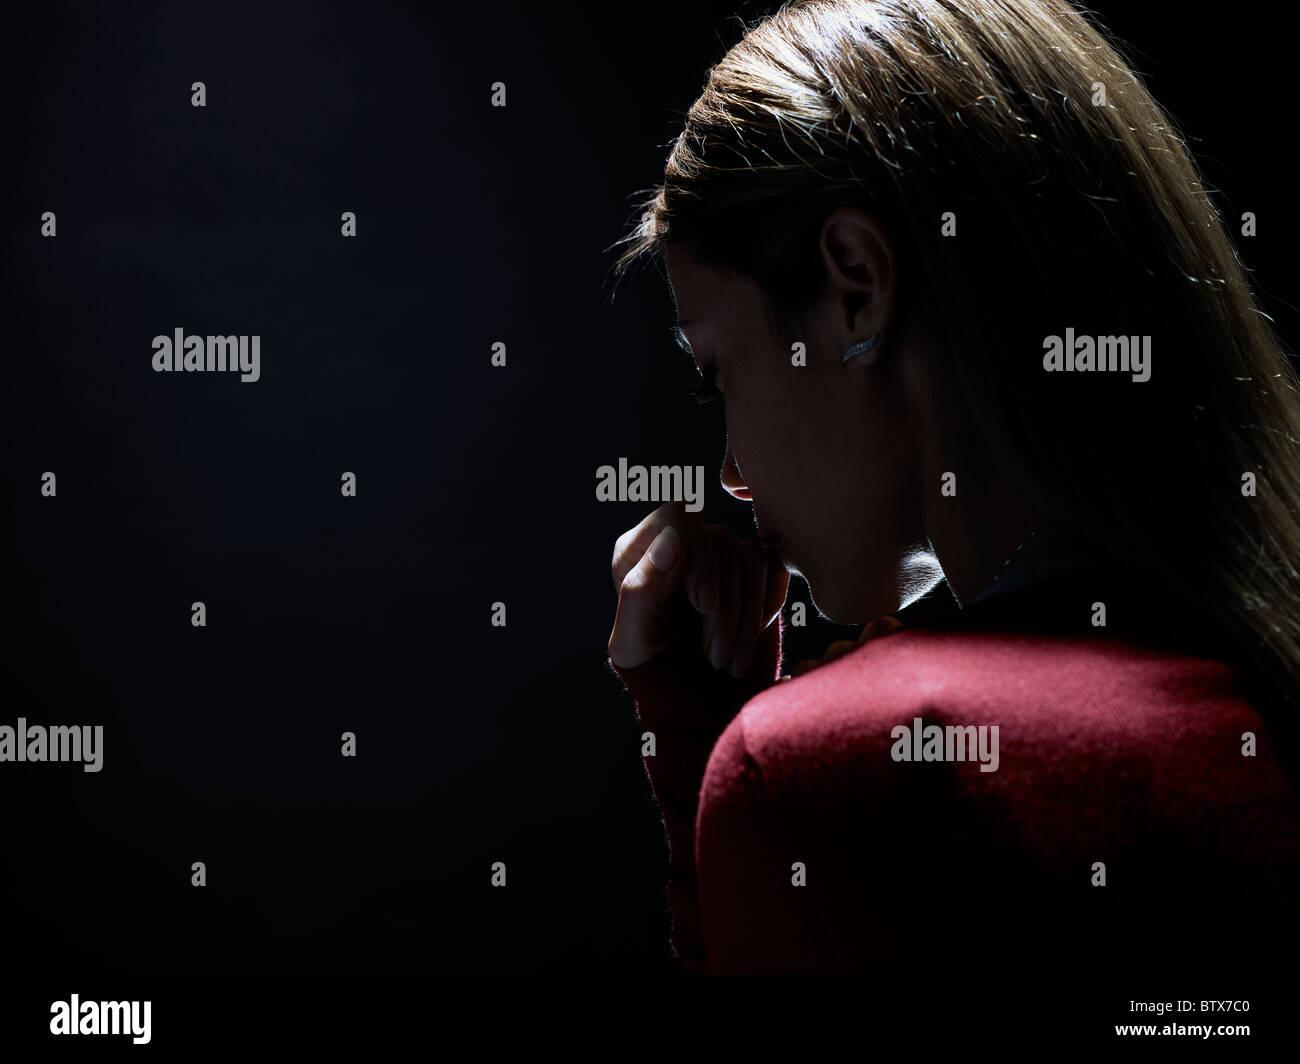 Femme pensive sur fond noir, représentant le concept d'anonymat Photo Stock